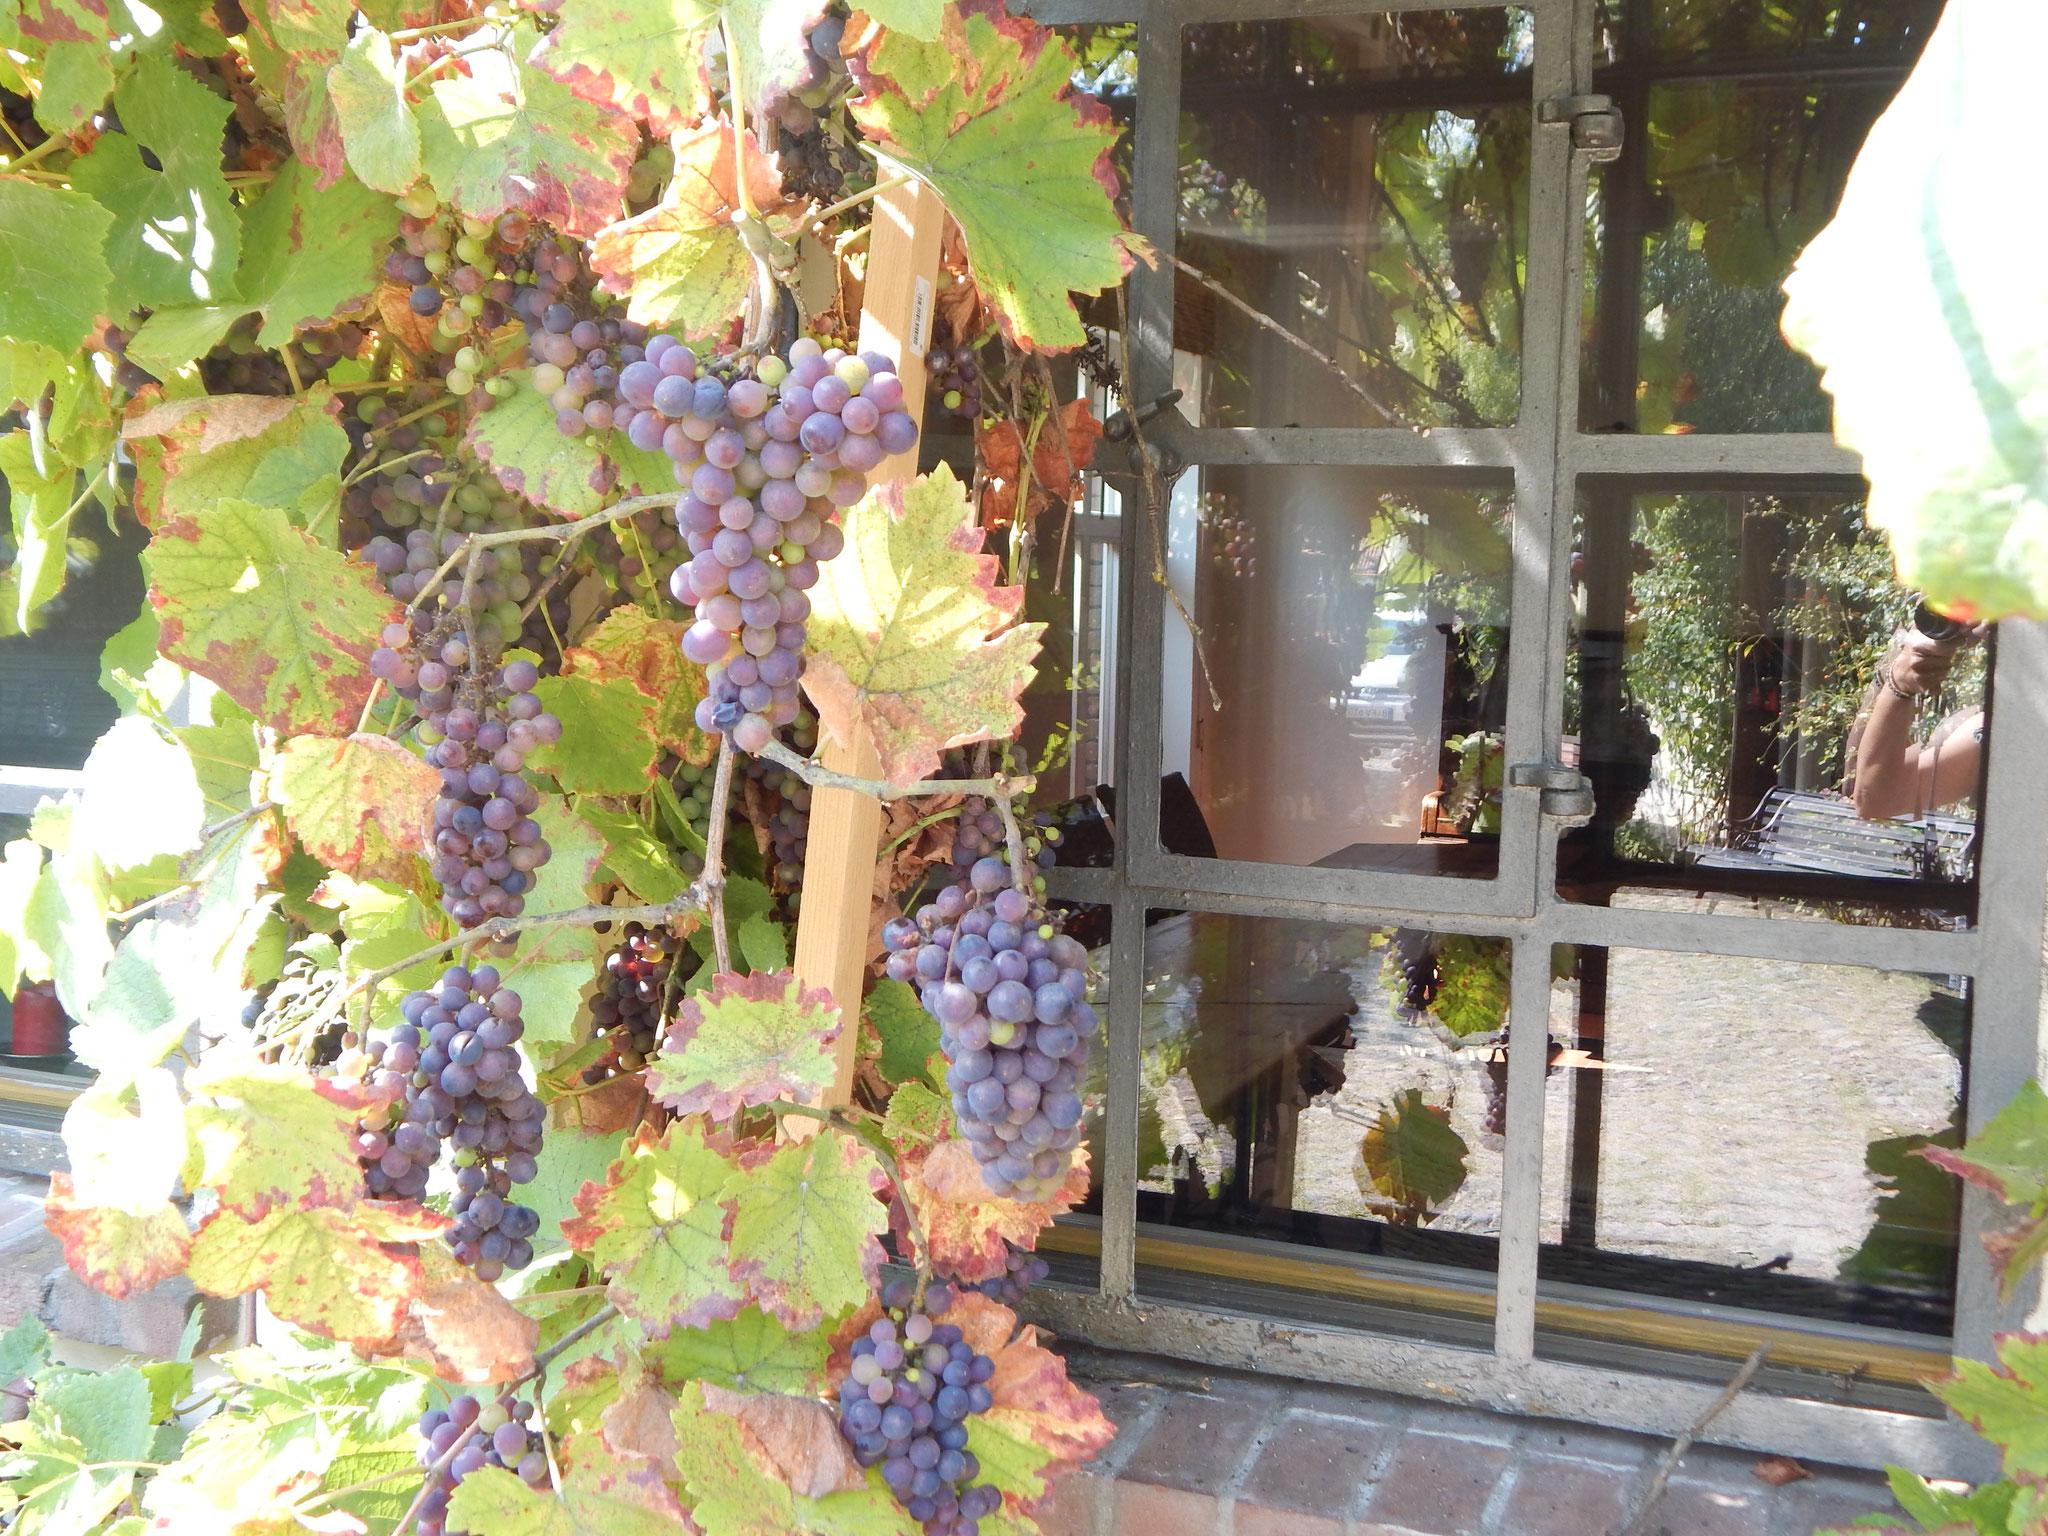 Weinberankter Innenhof mit Gästeterrrasse im Hotel Alte Försterei Kloster Zinna